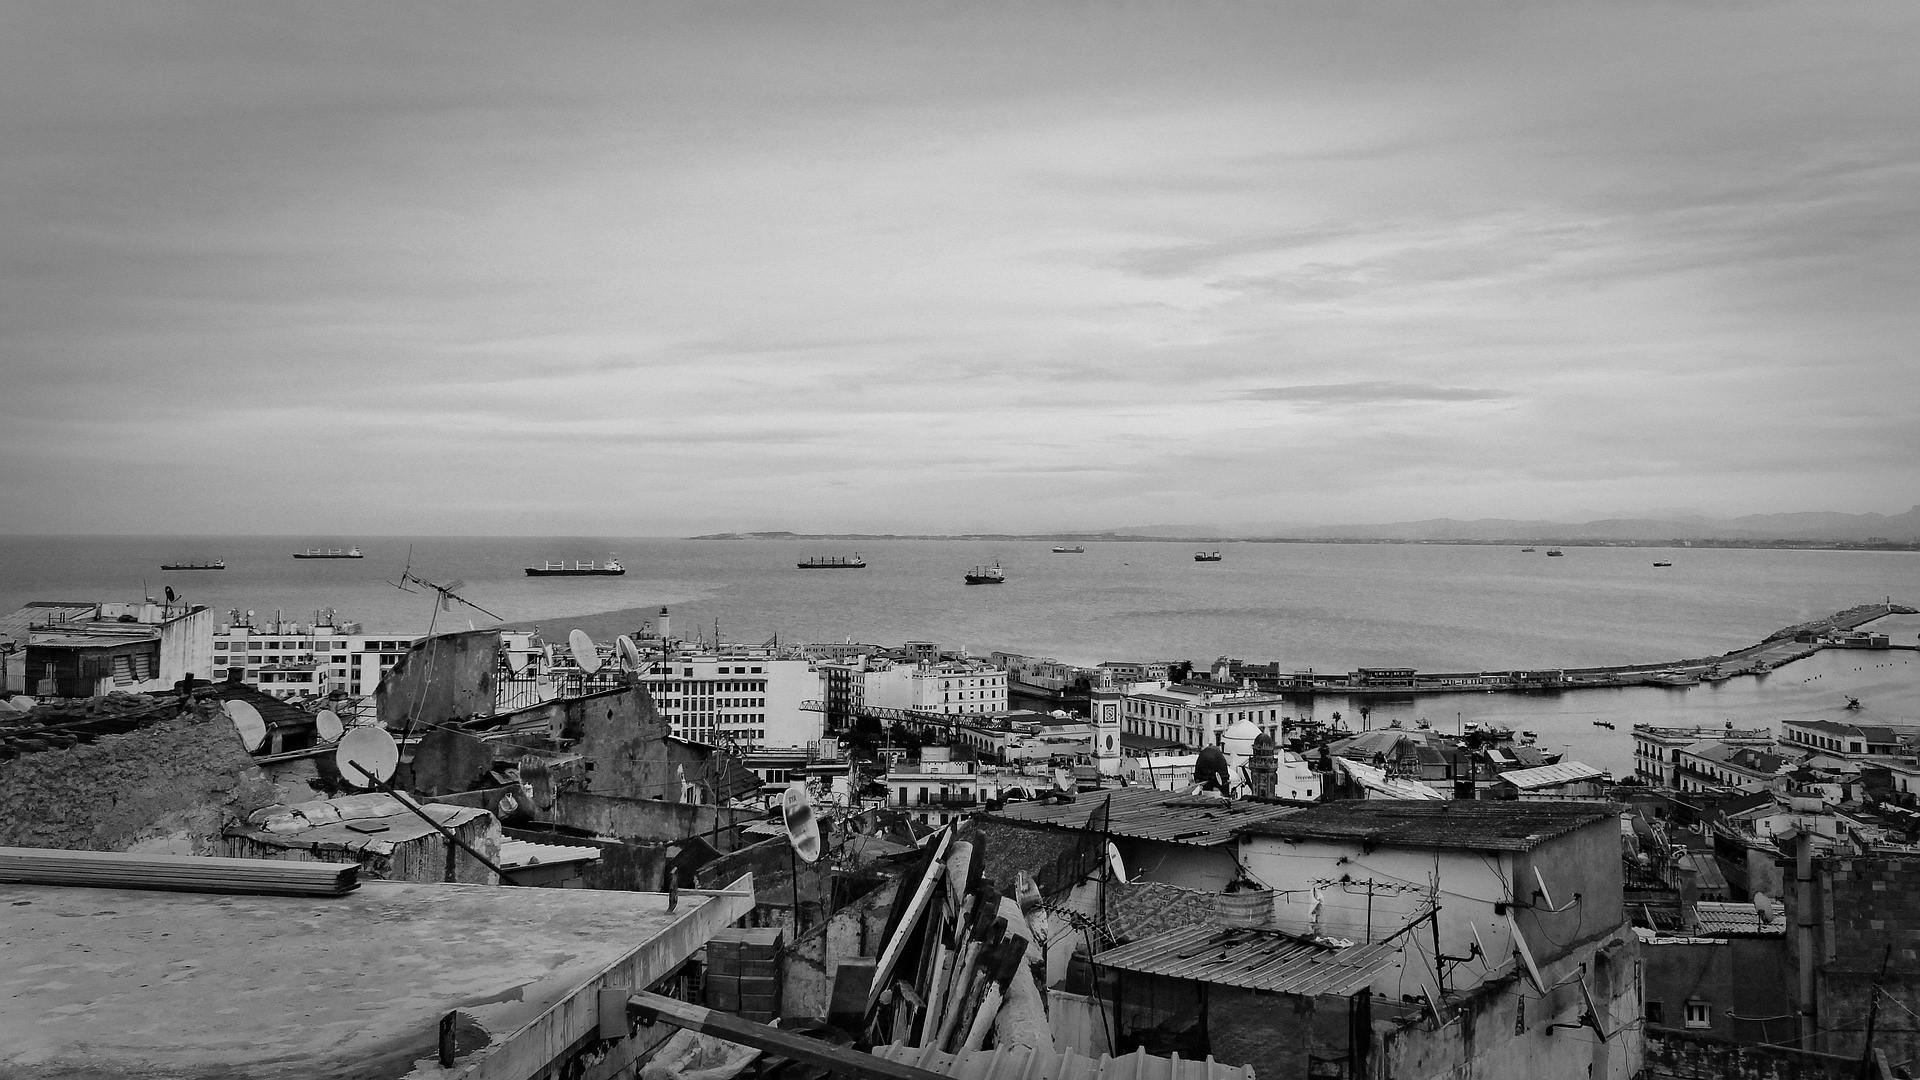 Argel, la ciudad más feliz de África según Informe de Felicidad